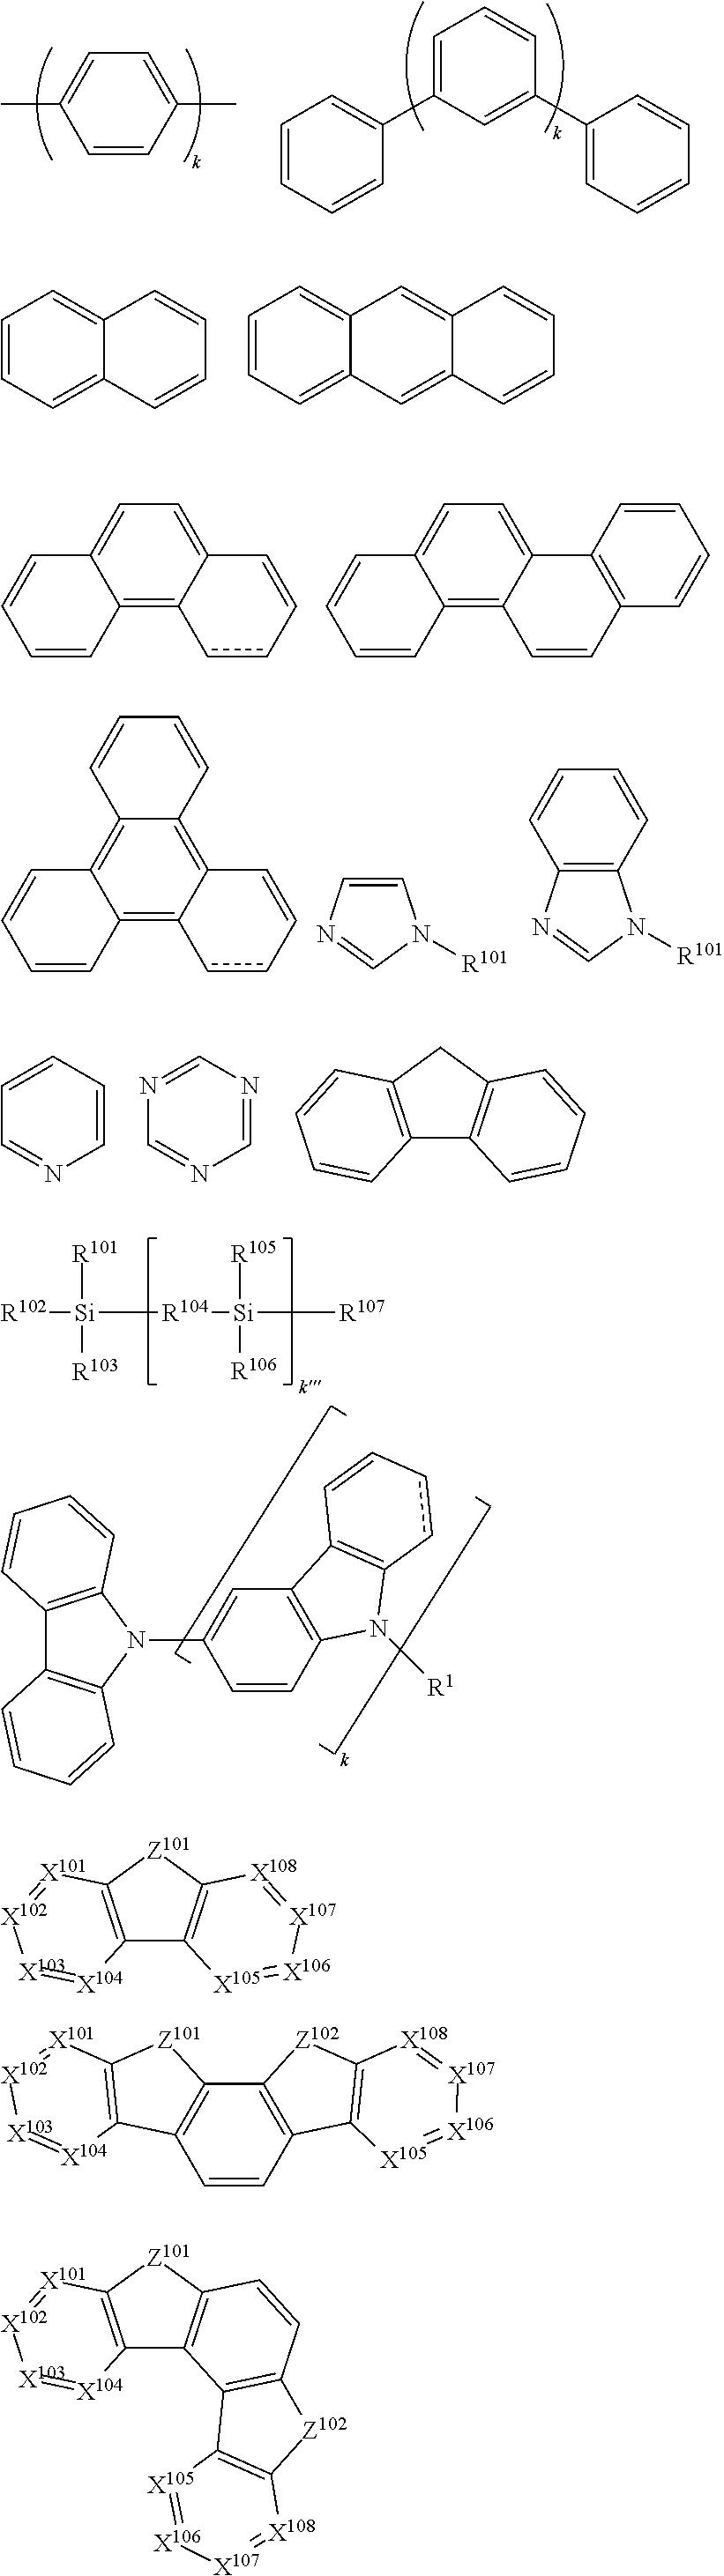 Figure US09876173-20180123-C00054